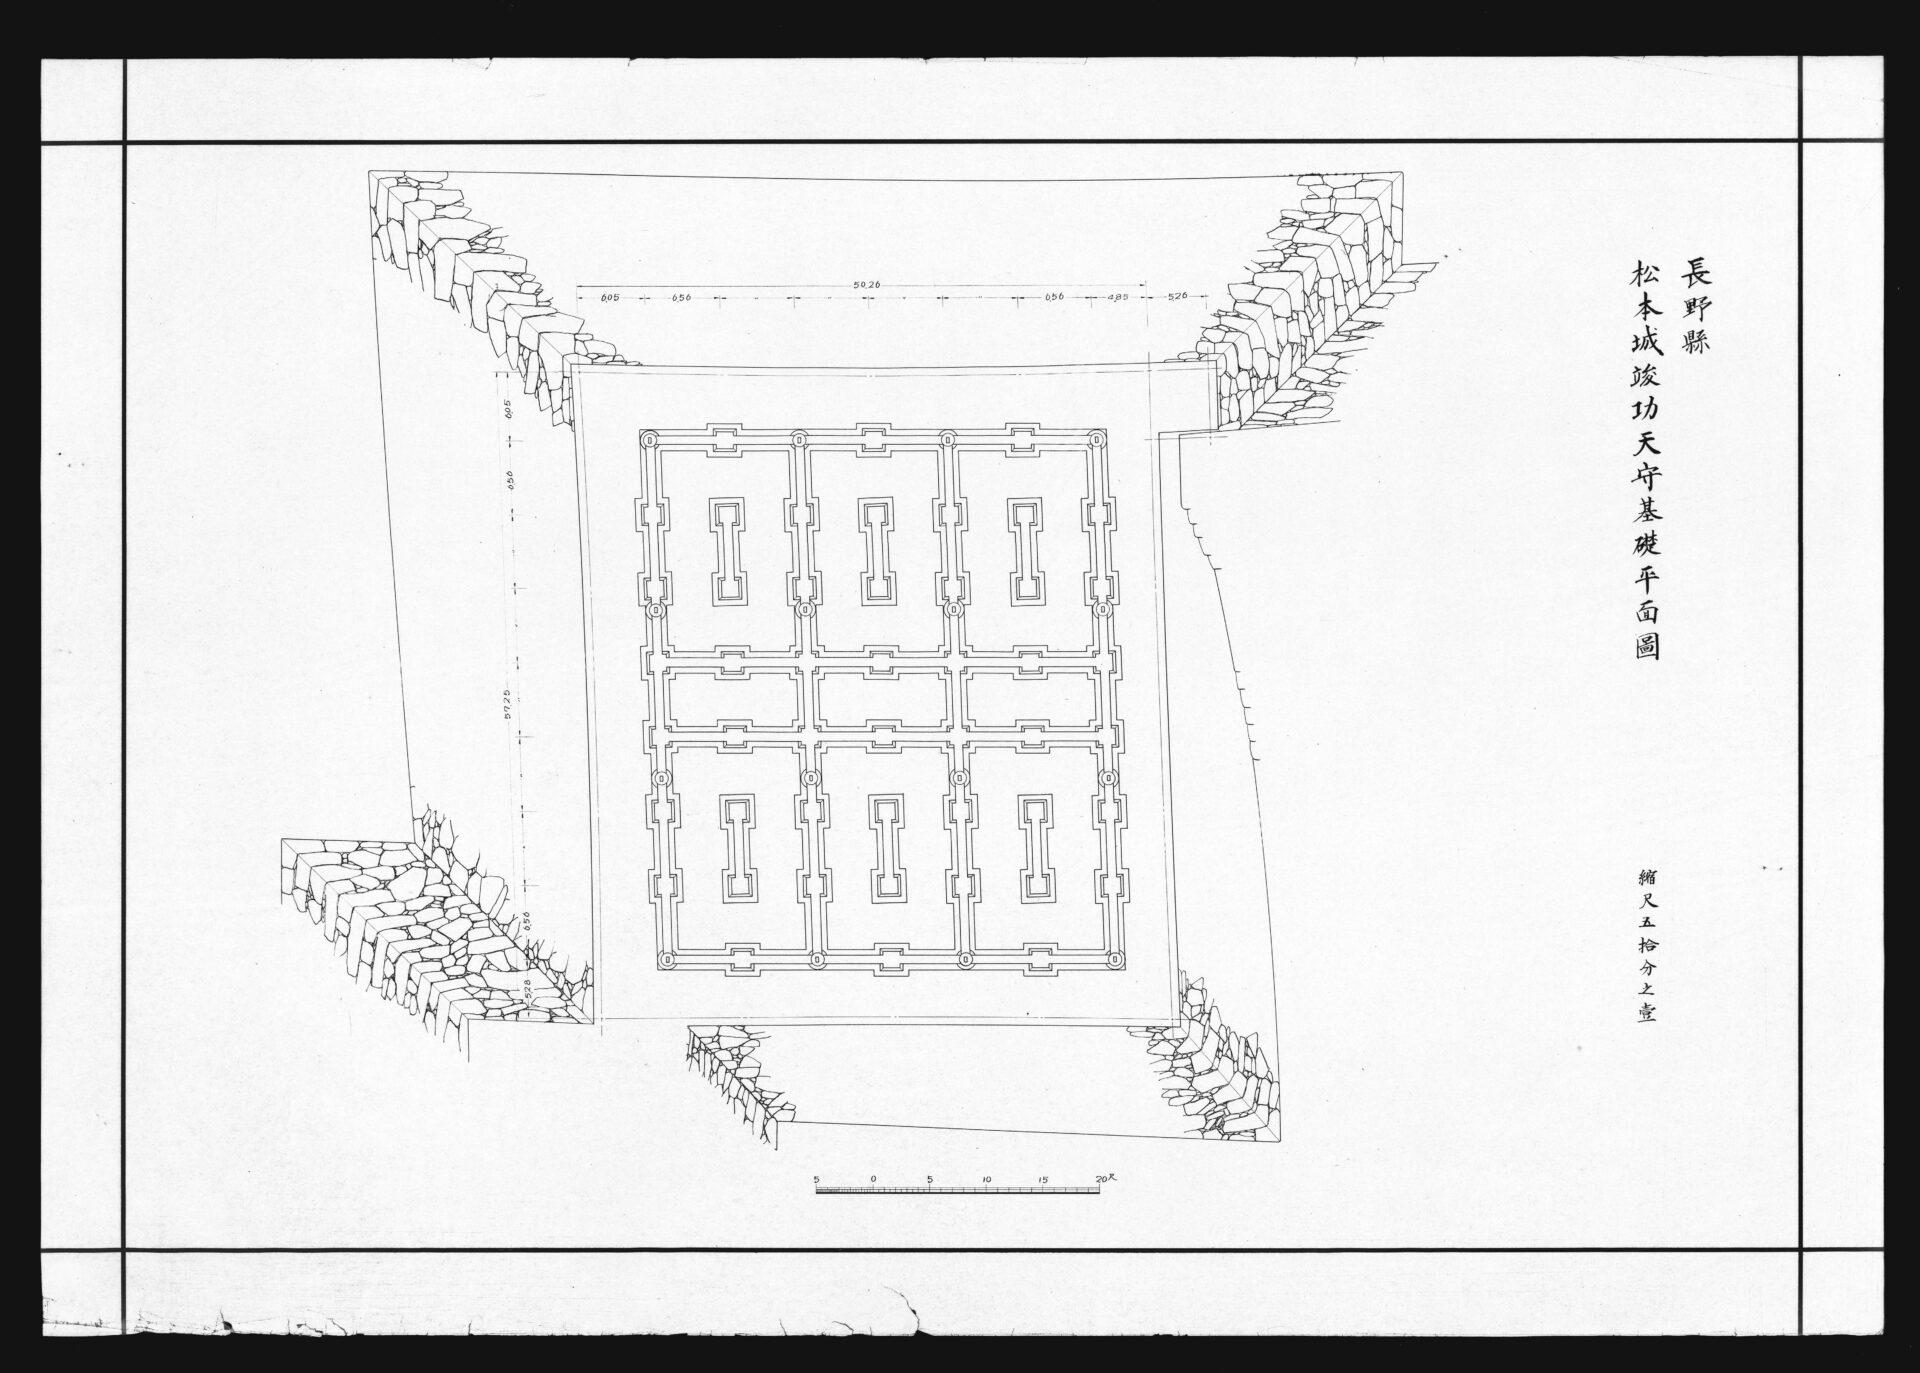 松本城竣功天守基礎平面図